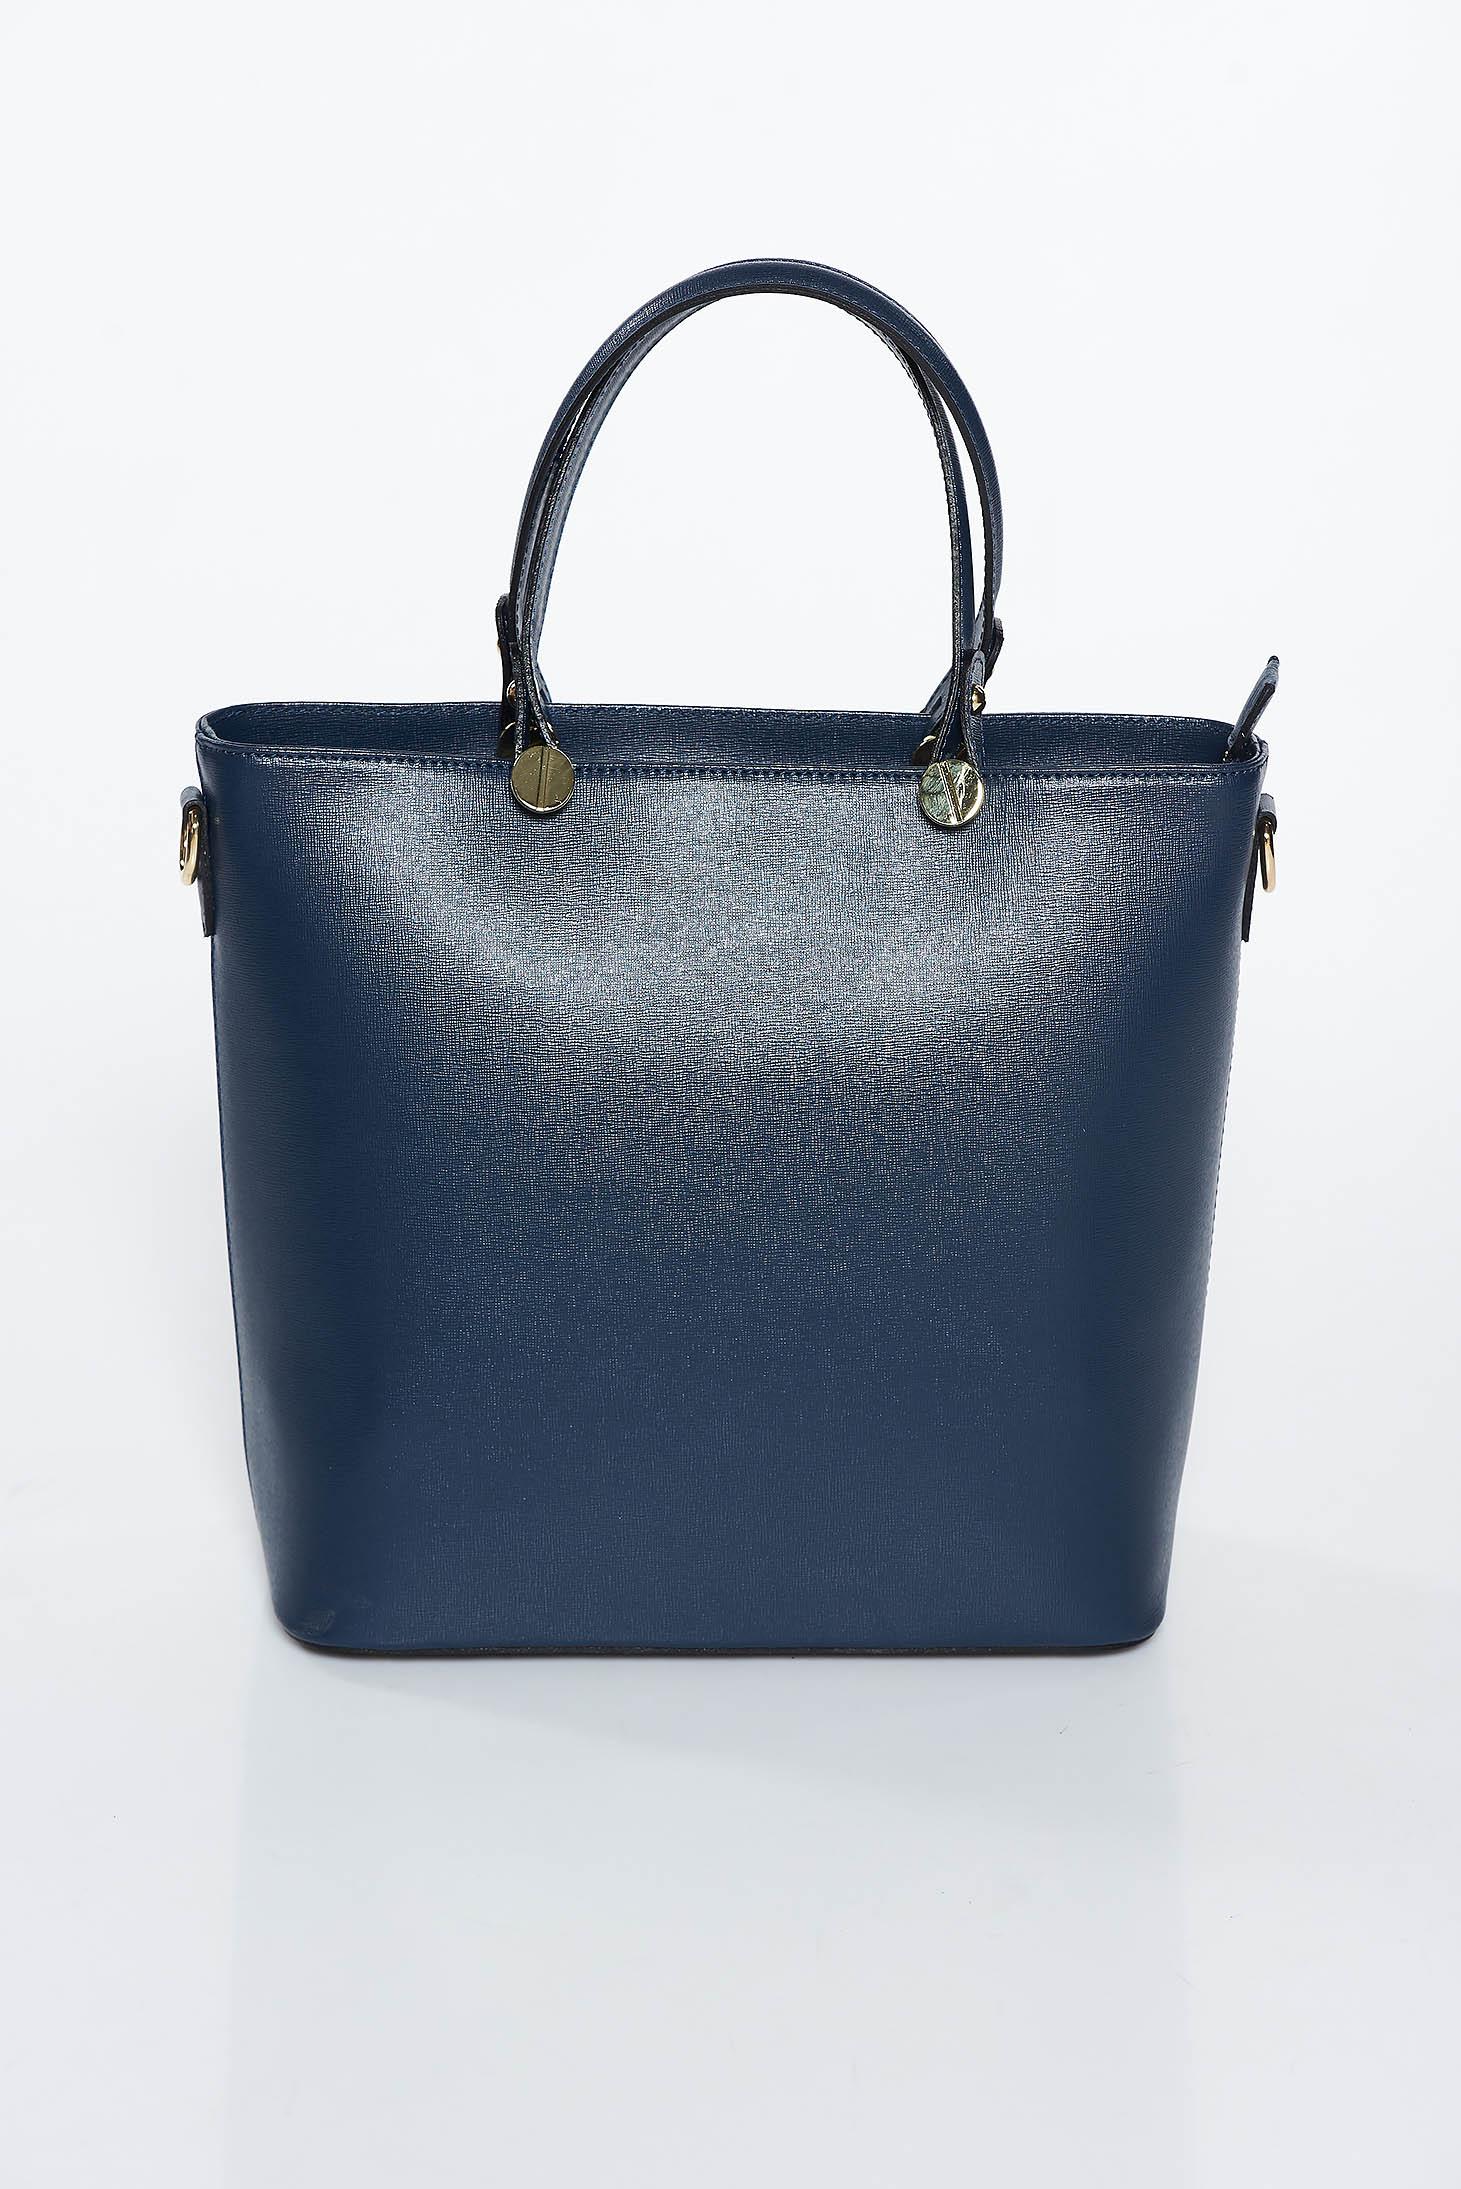 Darkblue office bag natural leather long, adjustable handle